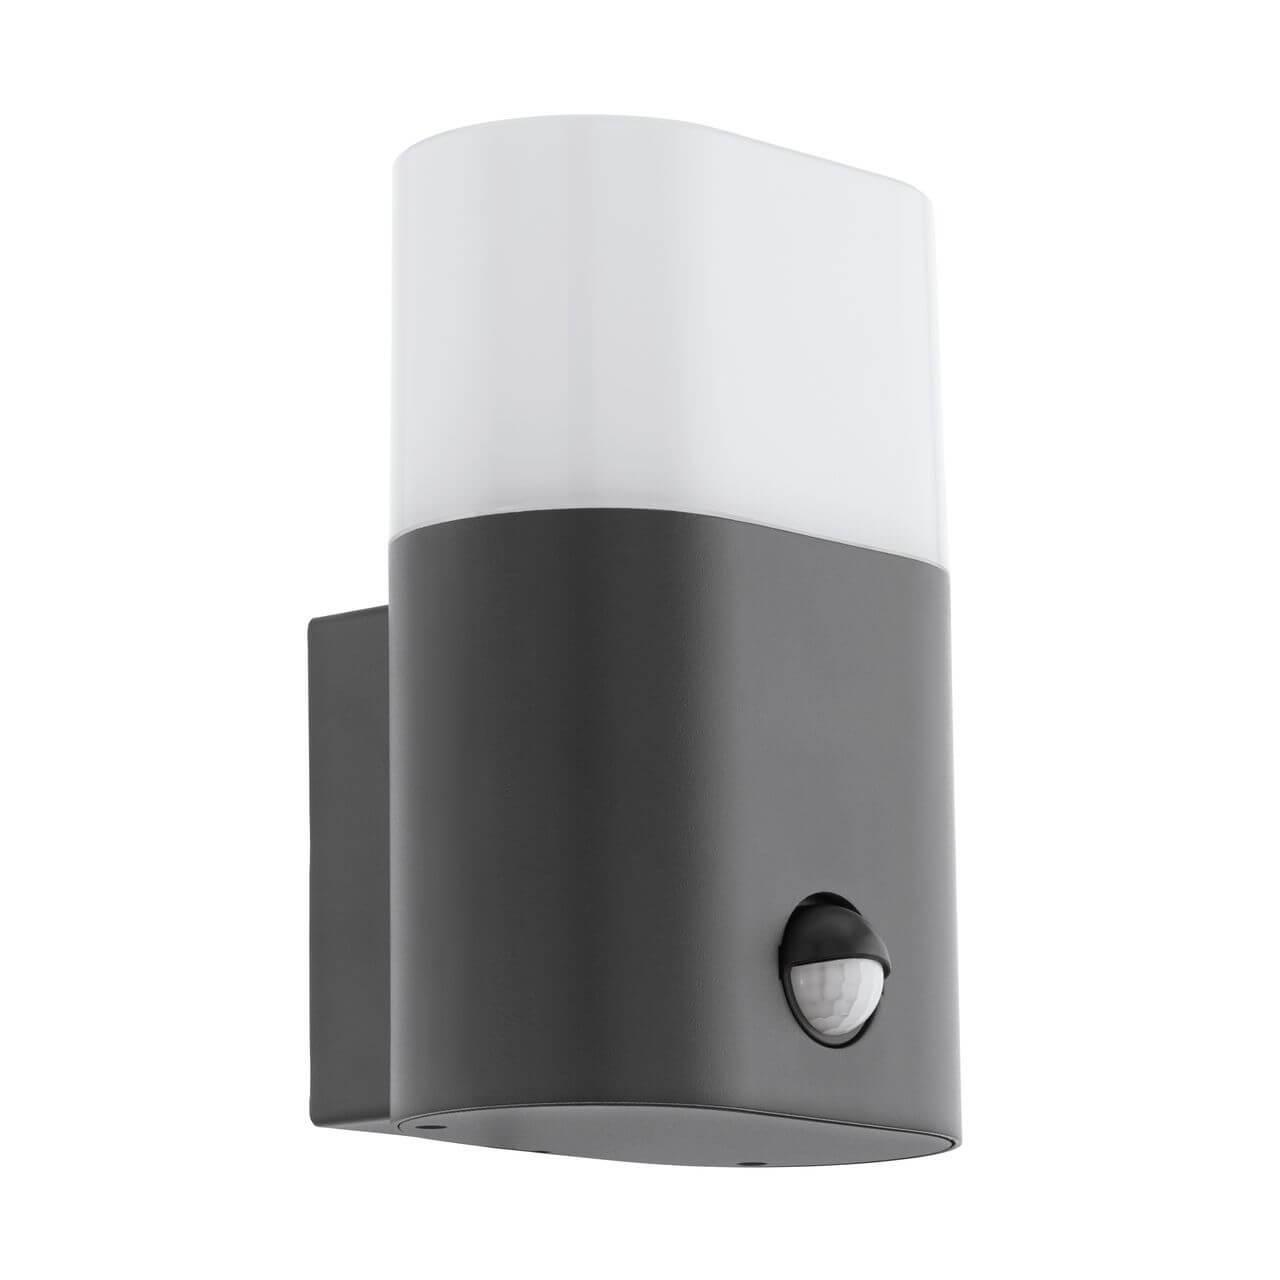 Купить Уличный настенный светодиодный светильник Eglo Favria, inmyroom, Австрия